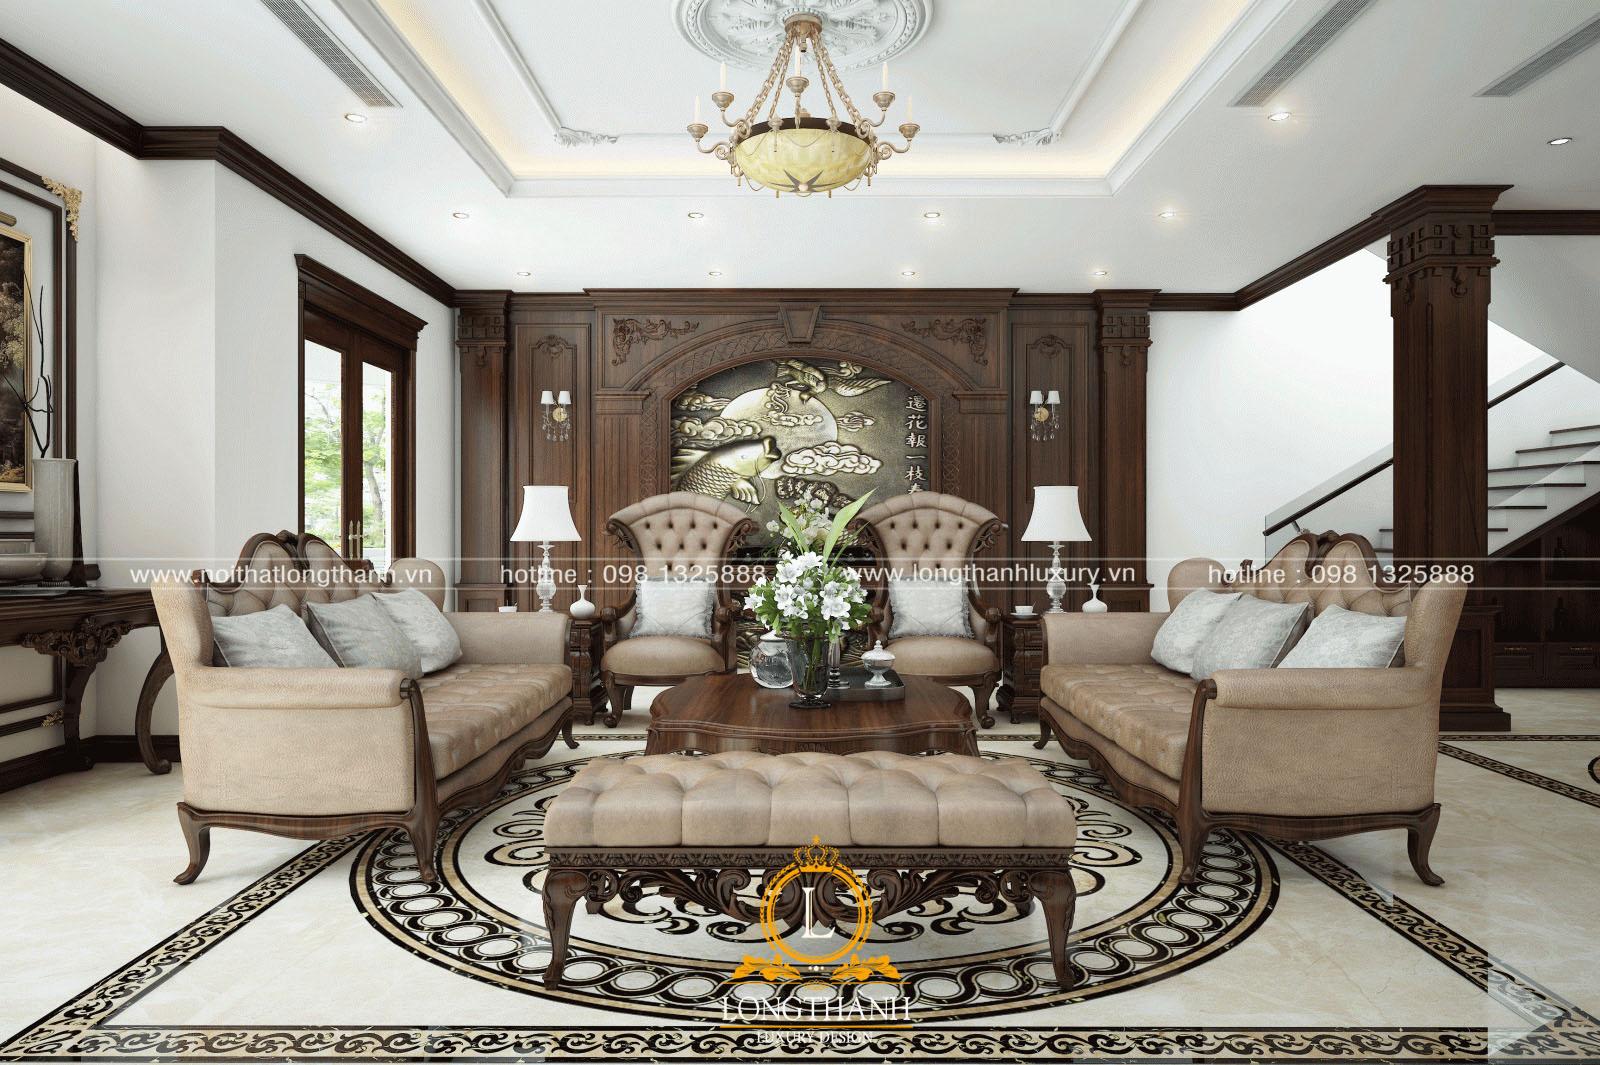 Mẫu sofa tân cổ điển đẹp LT05góc nhìn thứ 1